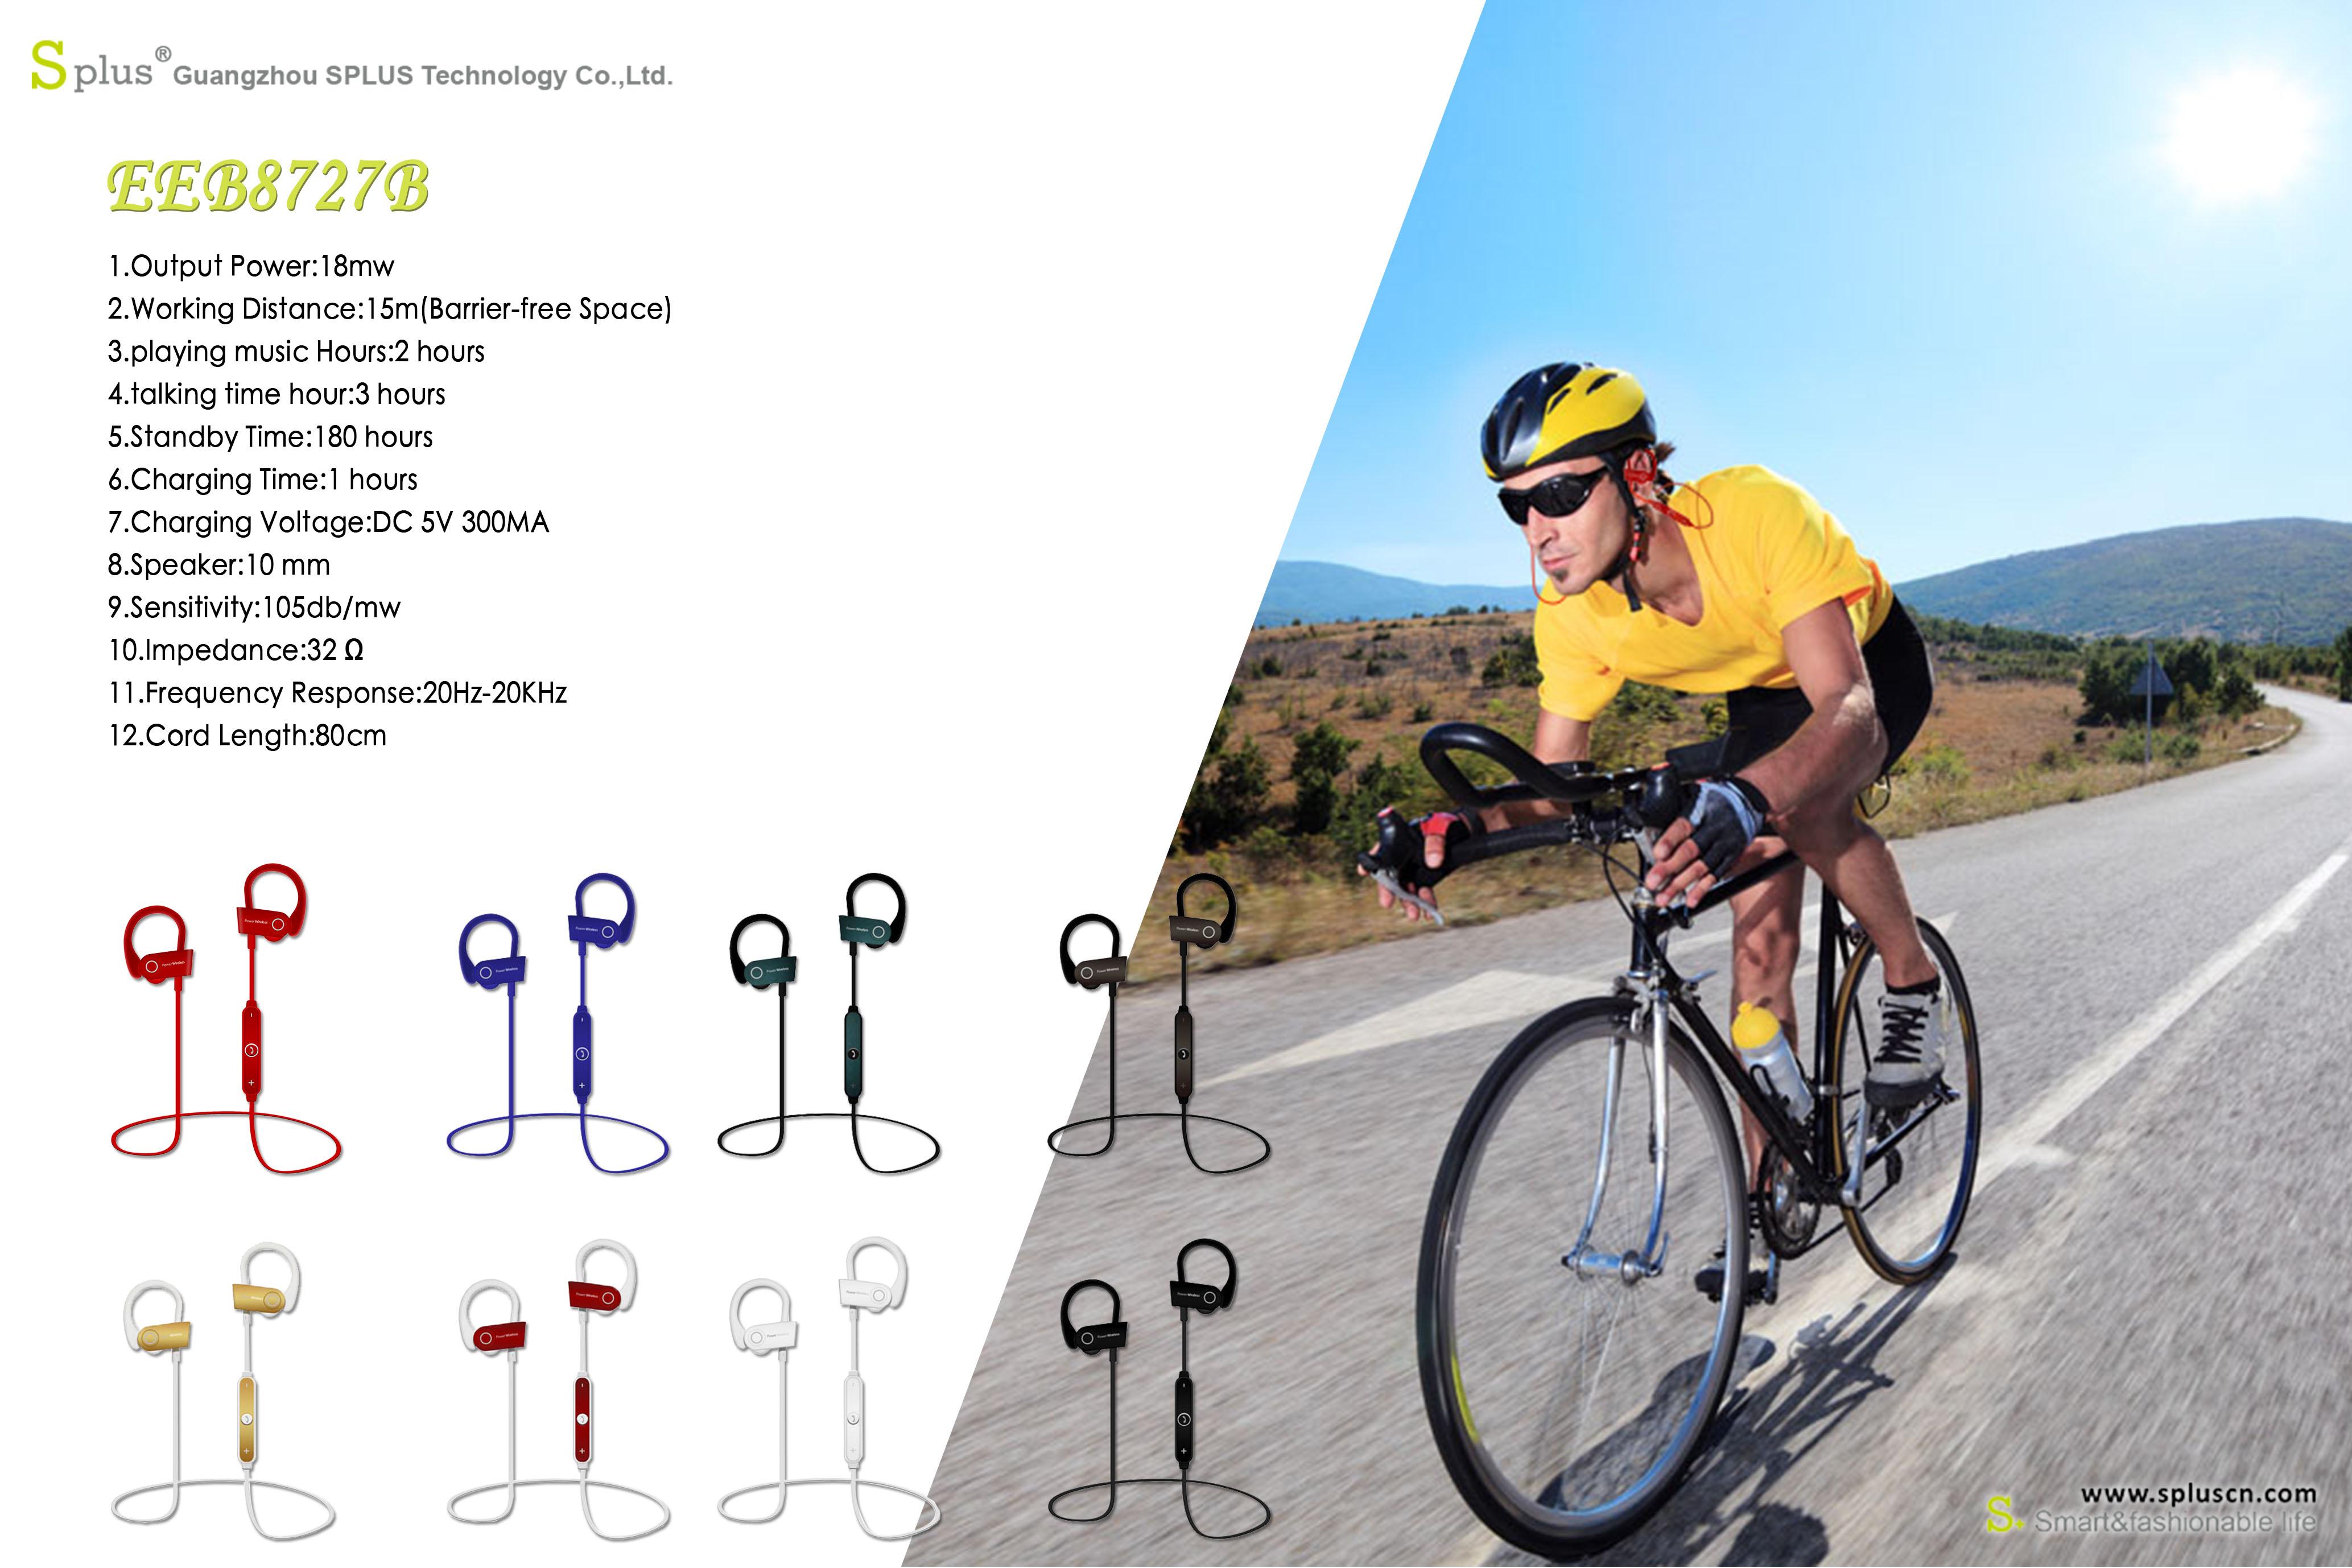 Comfortable Wearing Earhook Wireless Earphone